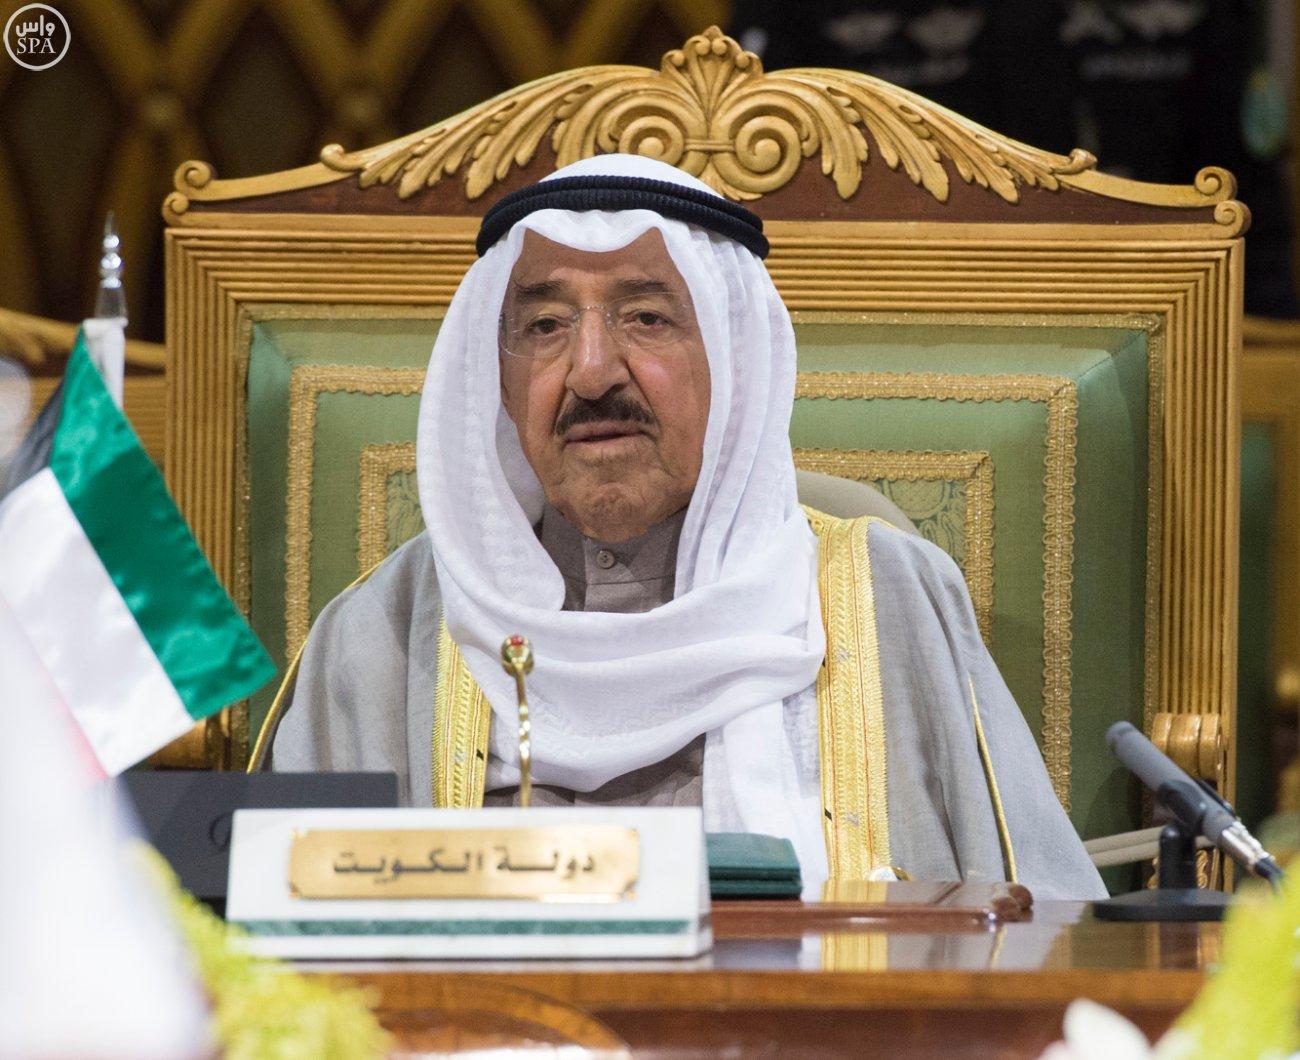 الملك-سلمان-يختتم-اعمال-القمة-الخليجية